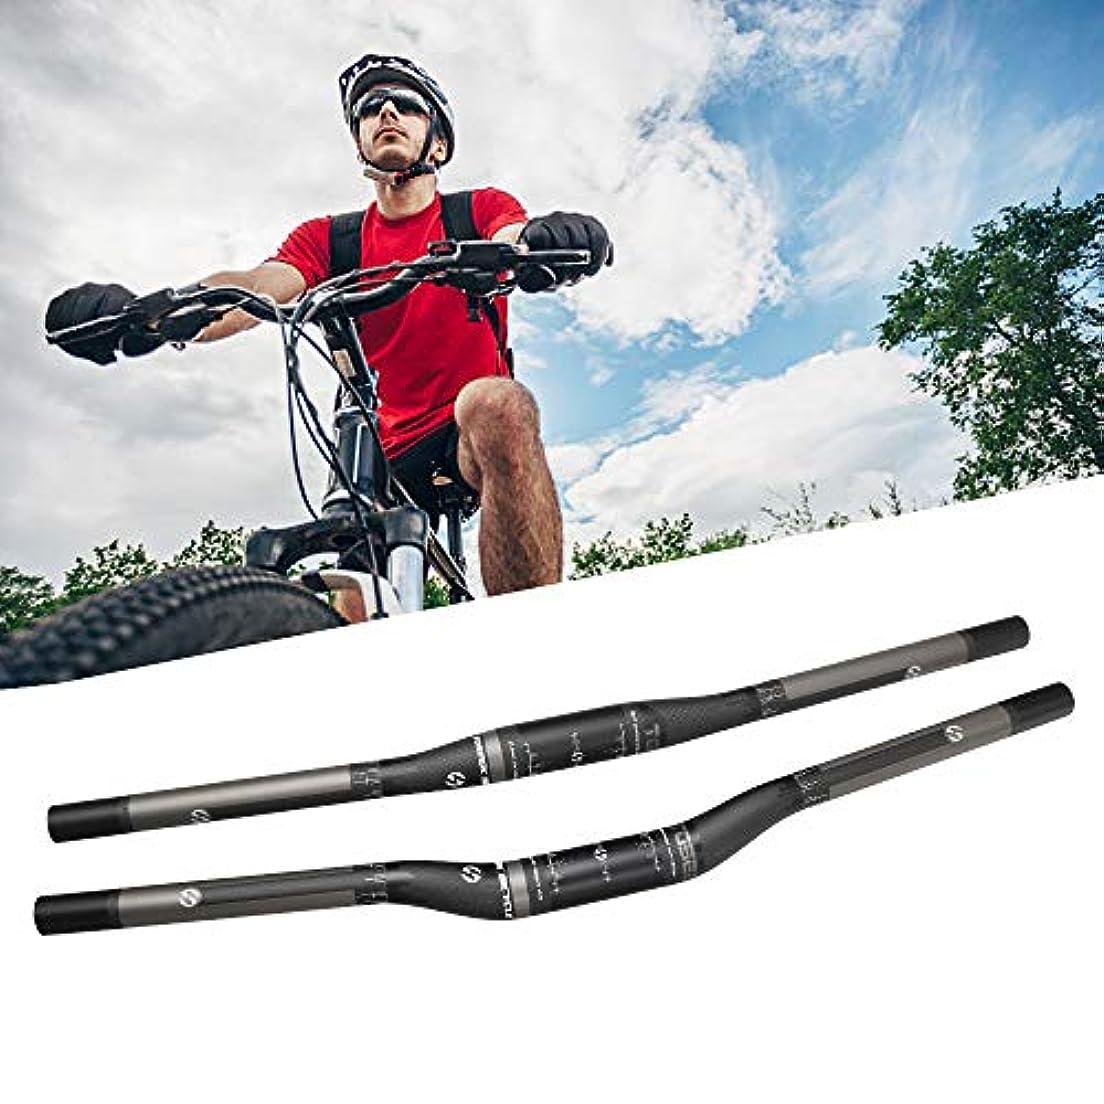 精神コンベンション淡いRakuby 31.8mm 超軽量 3Kマットカーボンファイバー 自転車ハンドル バー マウンテン バイクカーボンハンドル バー 600mm-720mmフラットバー/ライザーバー